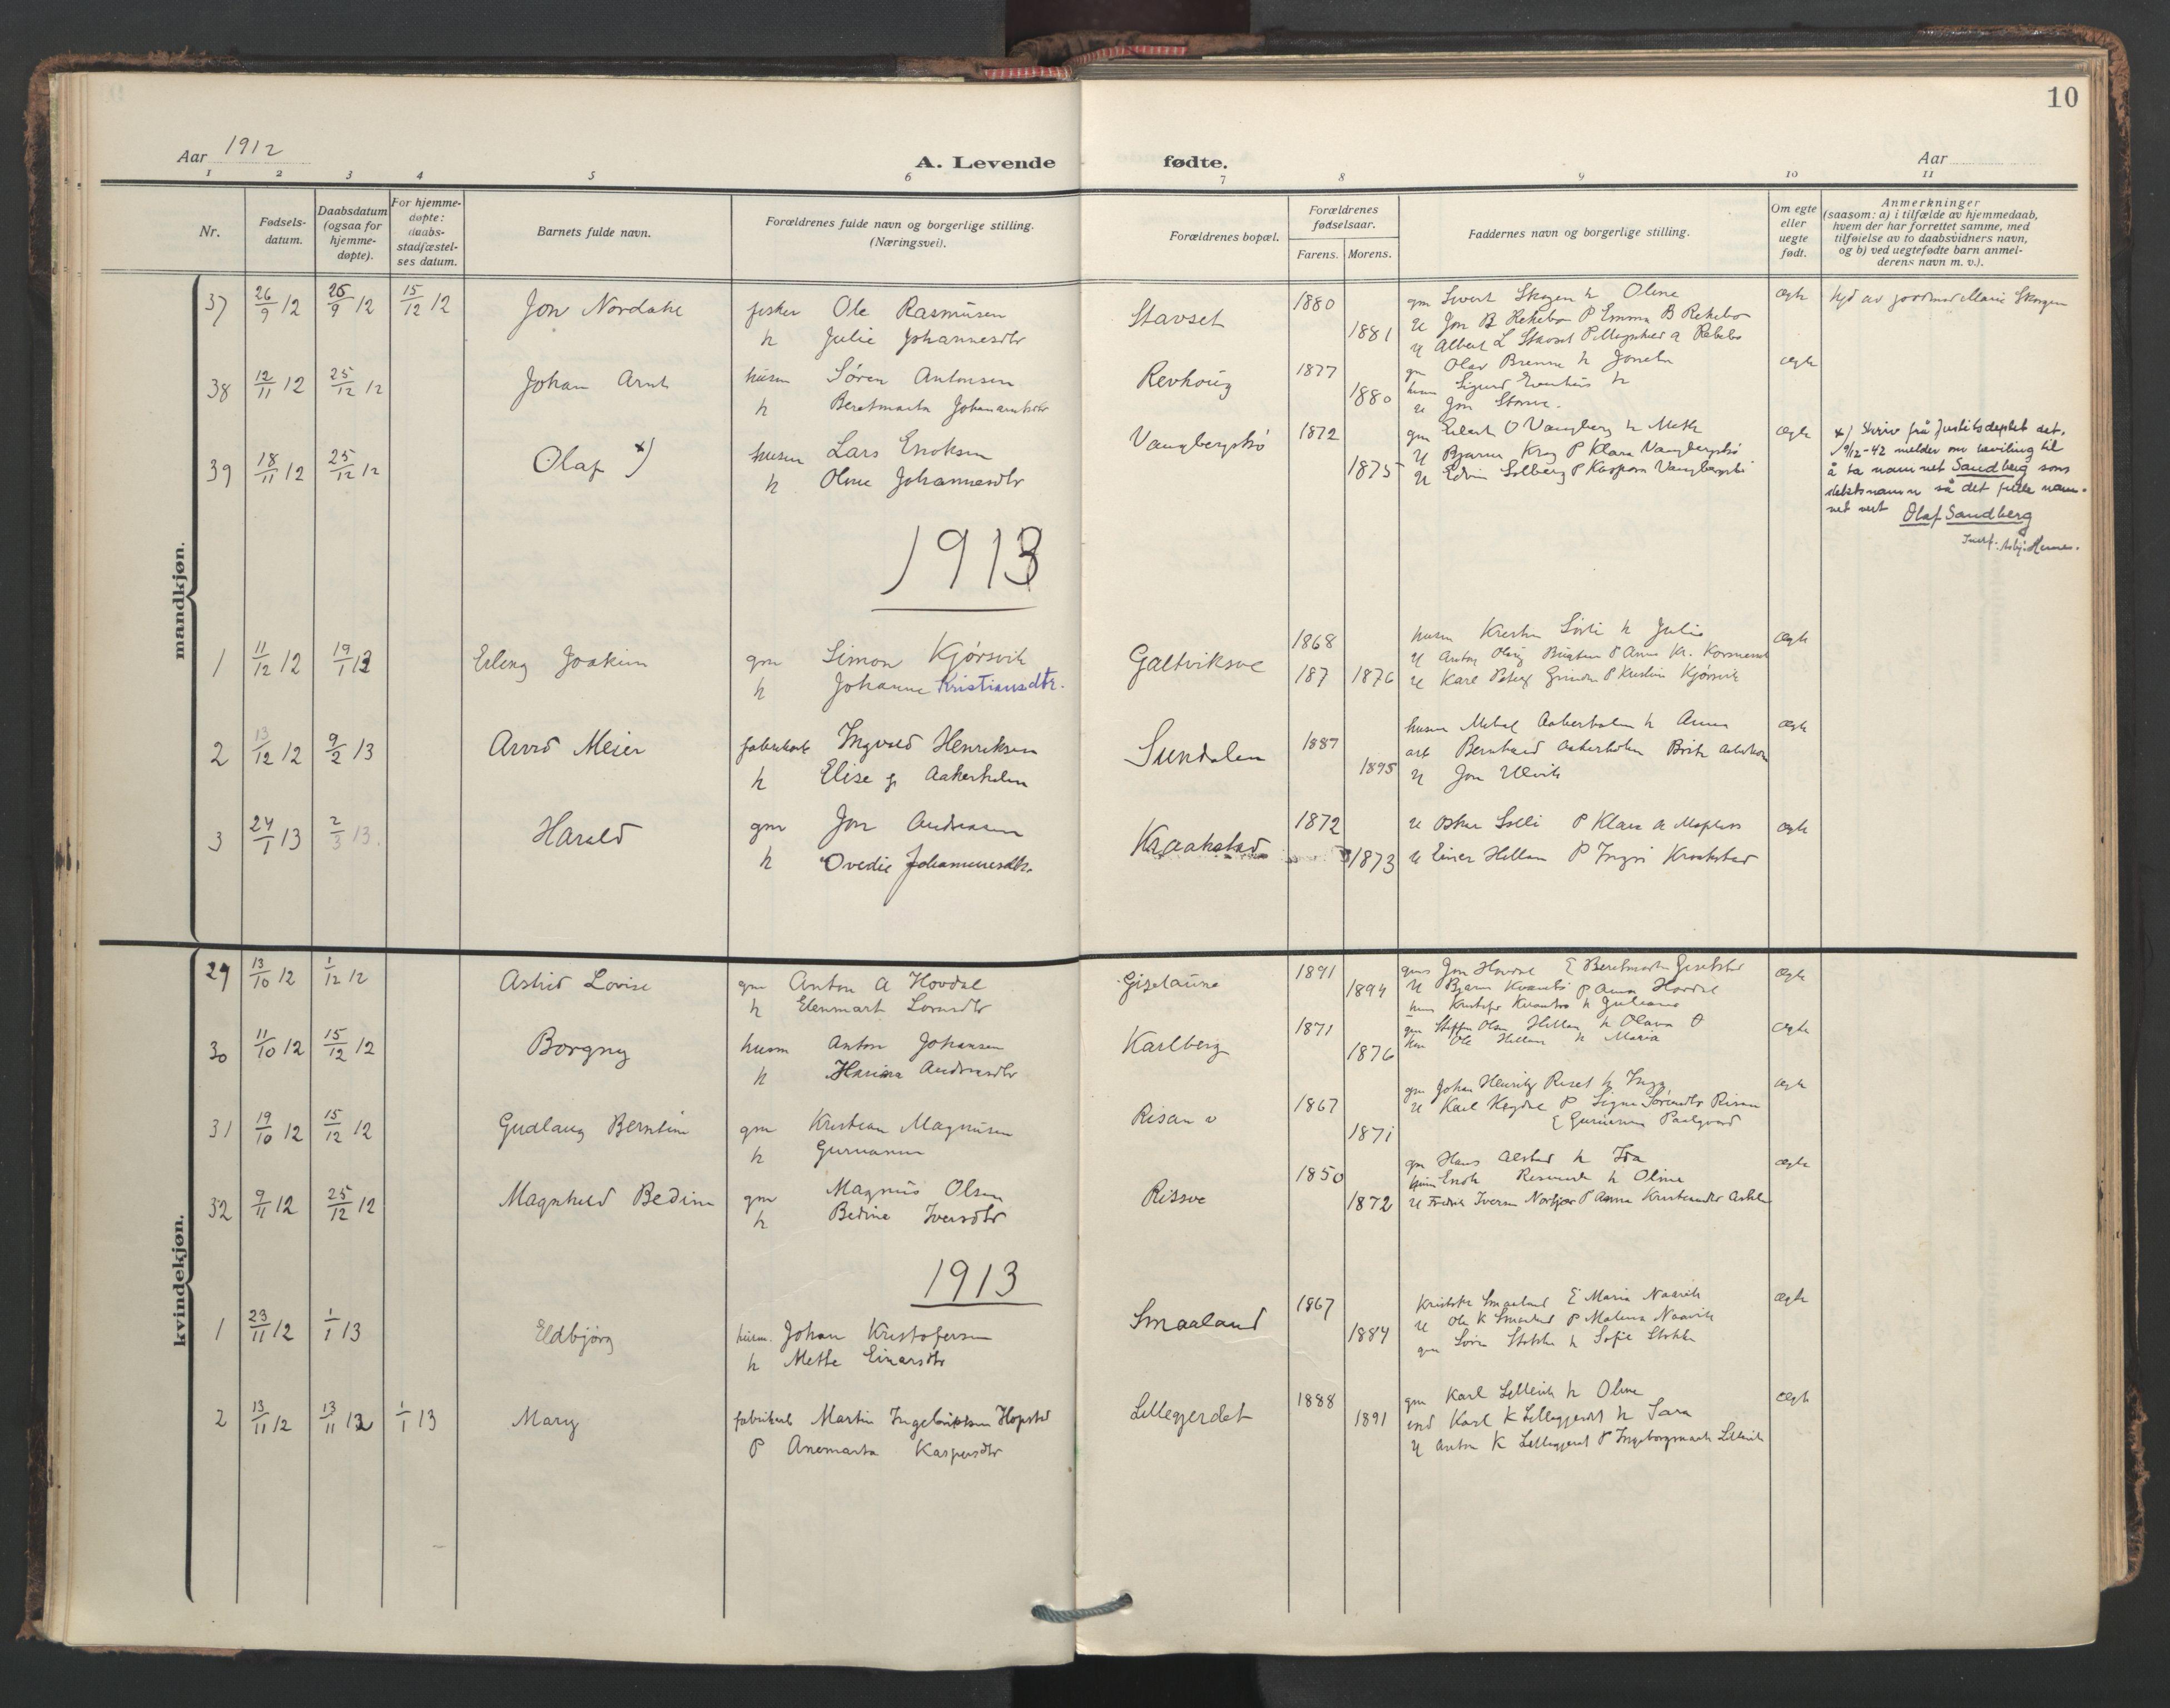 SAT, Ministerialprotokoller, klokkerbøker og fødselsregistre - Nord-Trøndelag, 713/L0123: Ministerialbok nr. 713A12, 1911-1925, s. 10